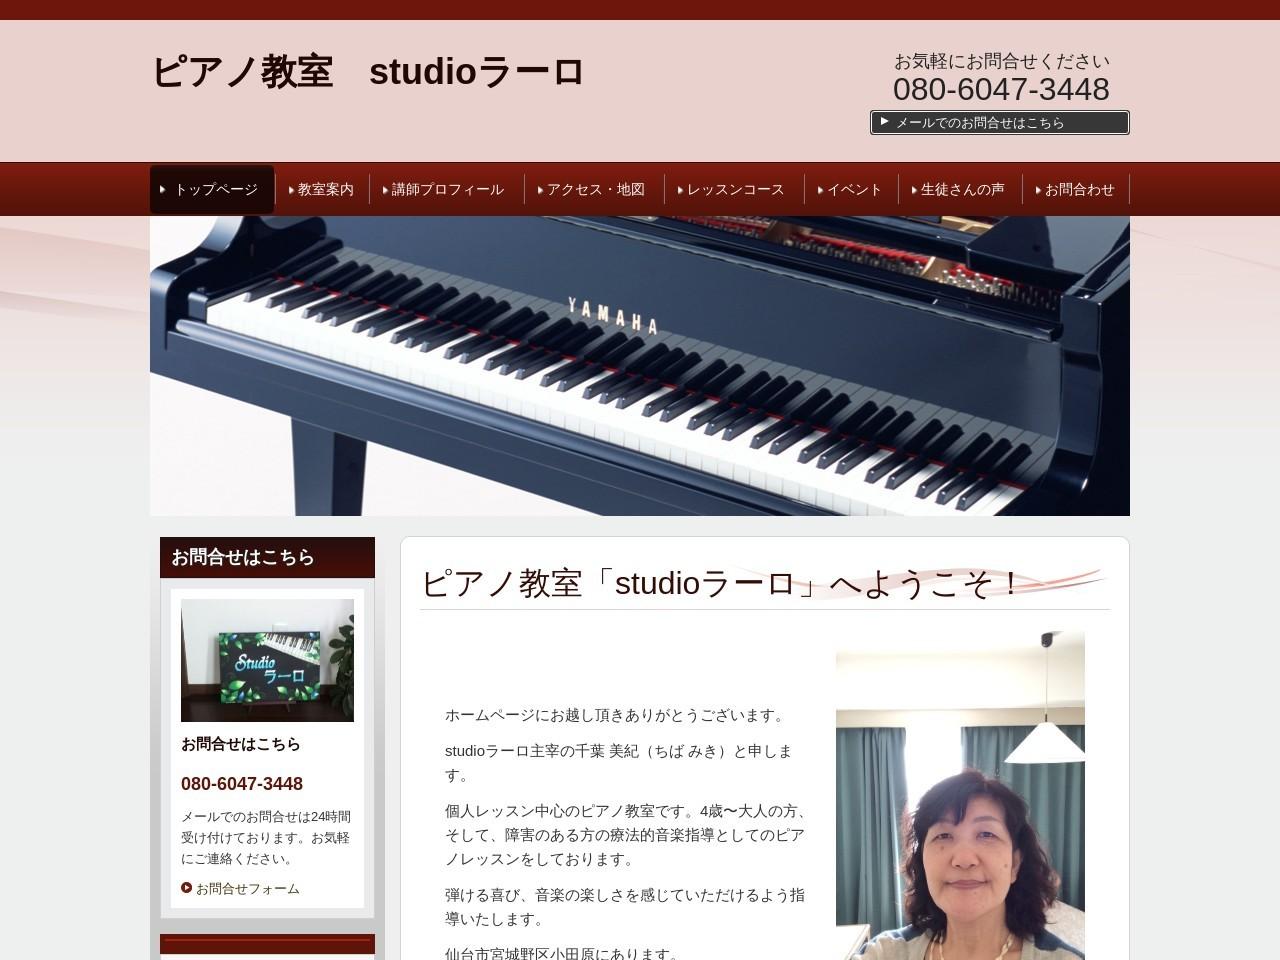 ピアノ教室 studioラーロのサムネイル